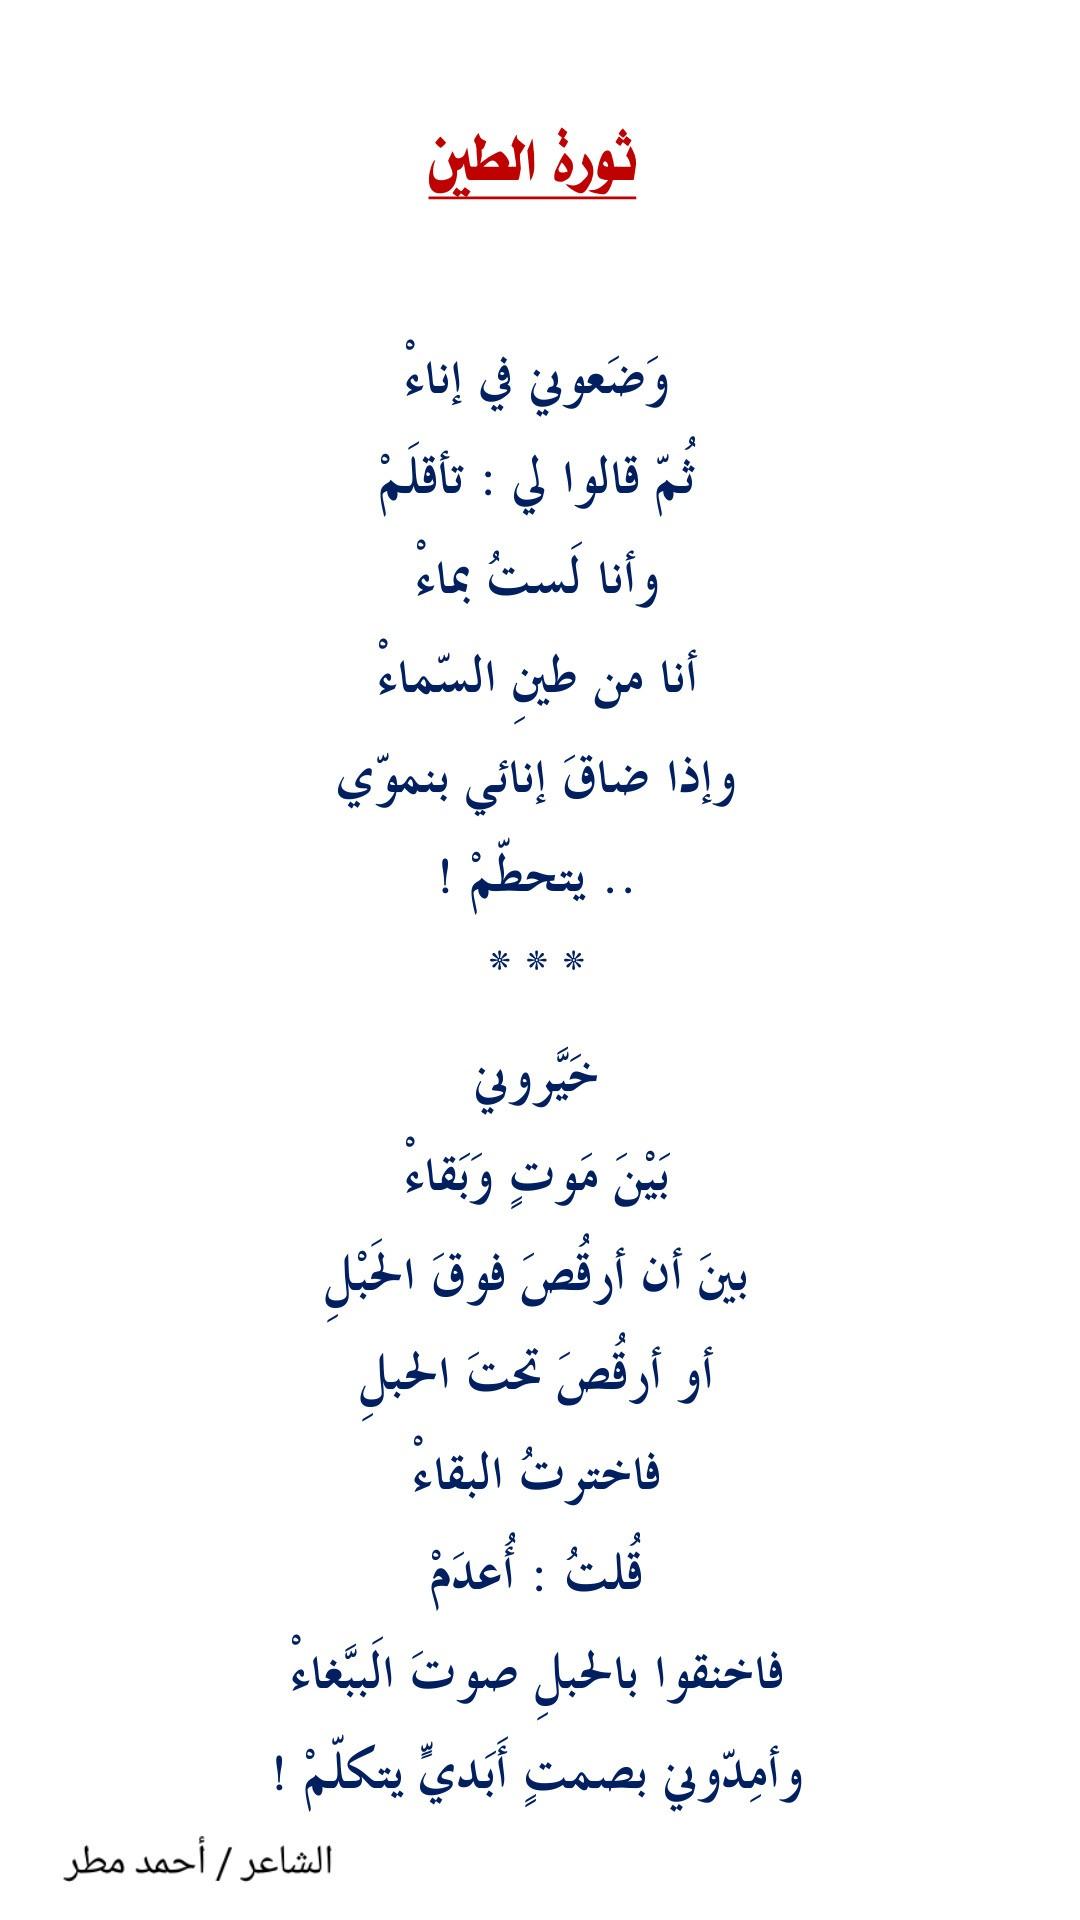 مع الشاعر أحمد مطر